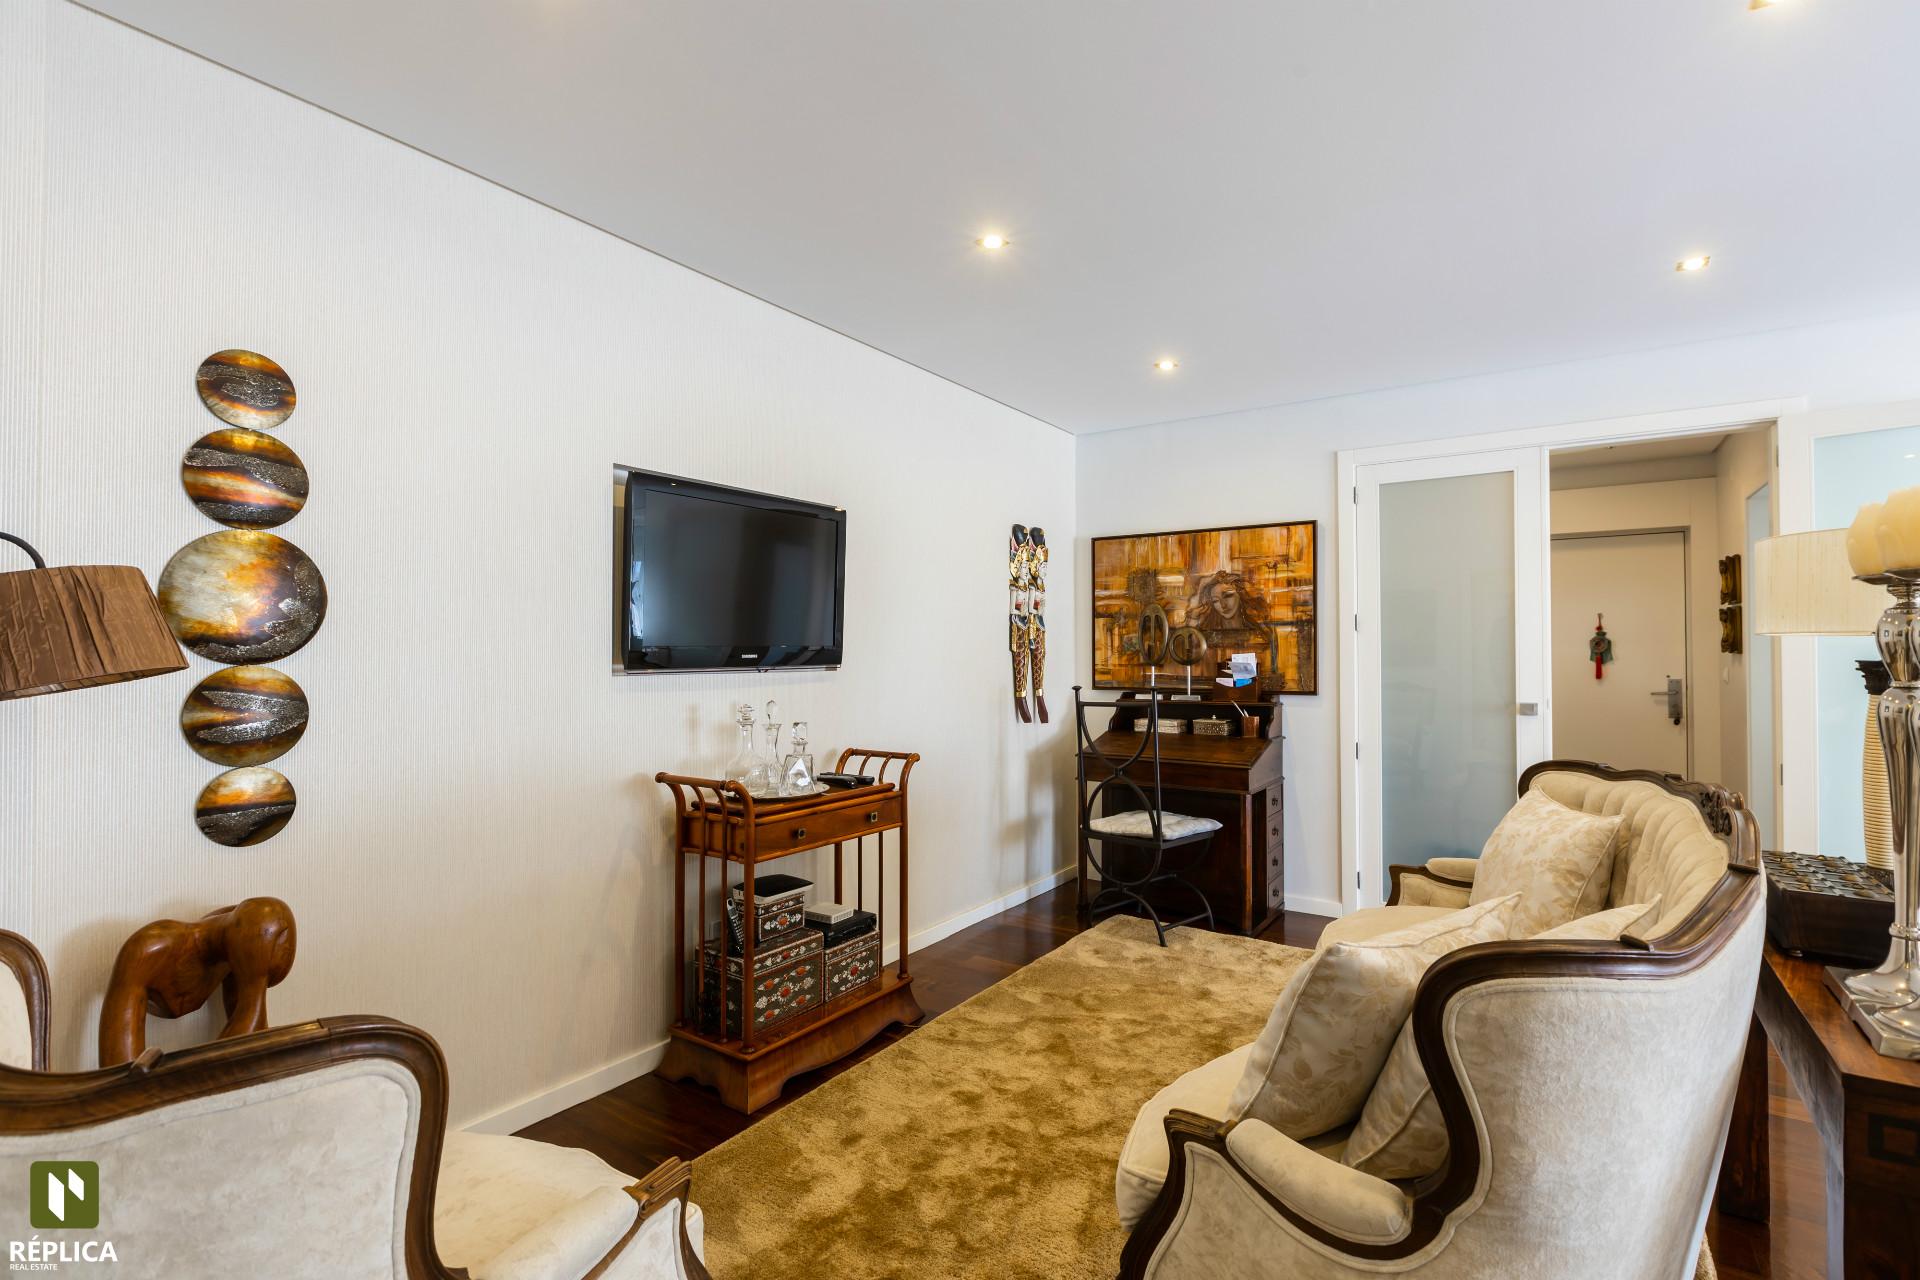 Apartamento T3 Remodelado em Coimbrões, Vila Nova de Gaia